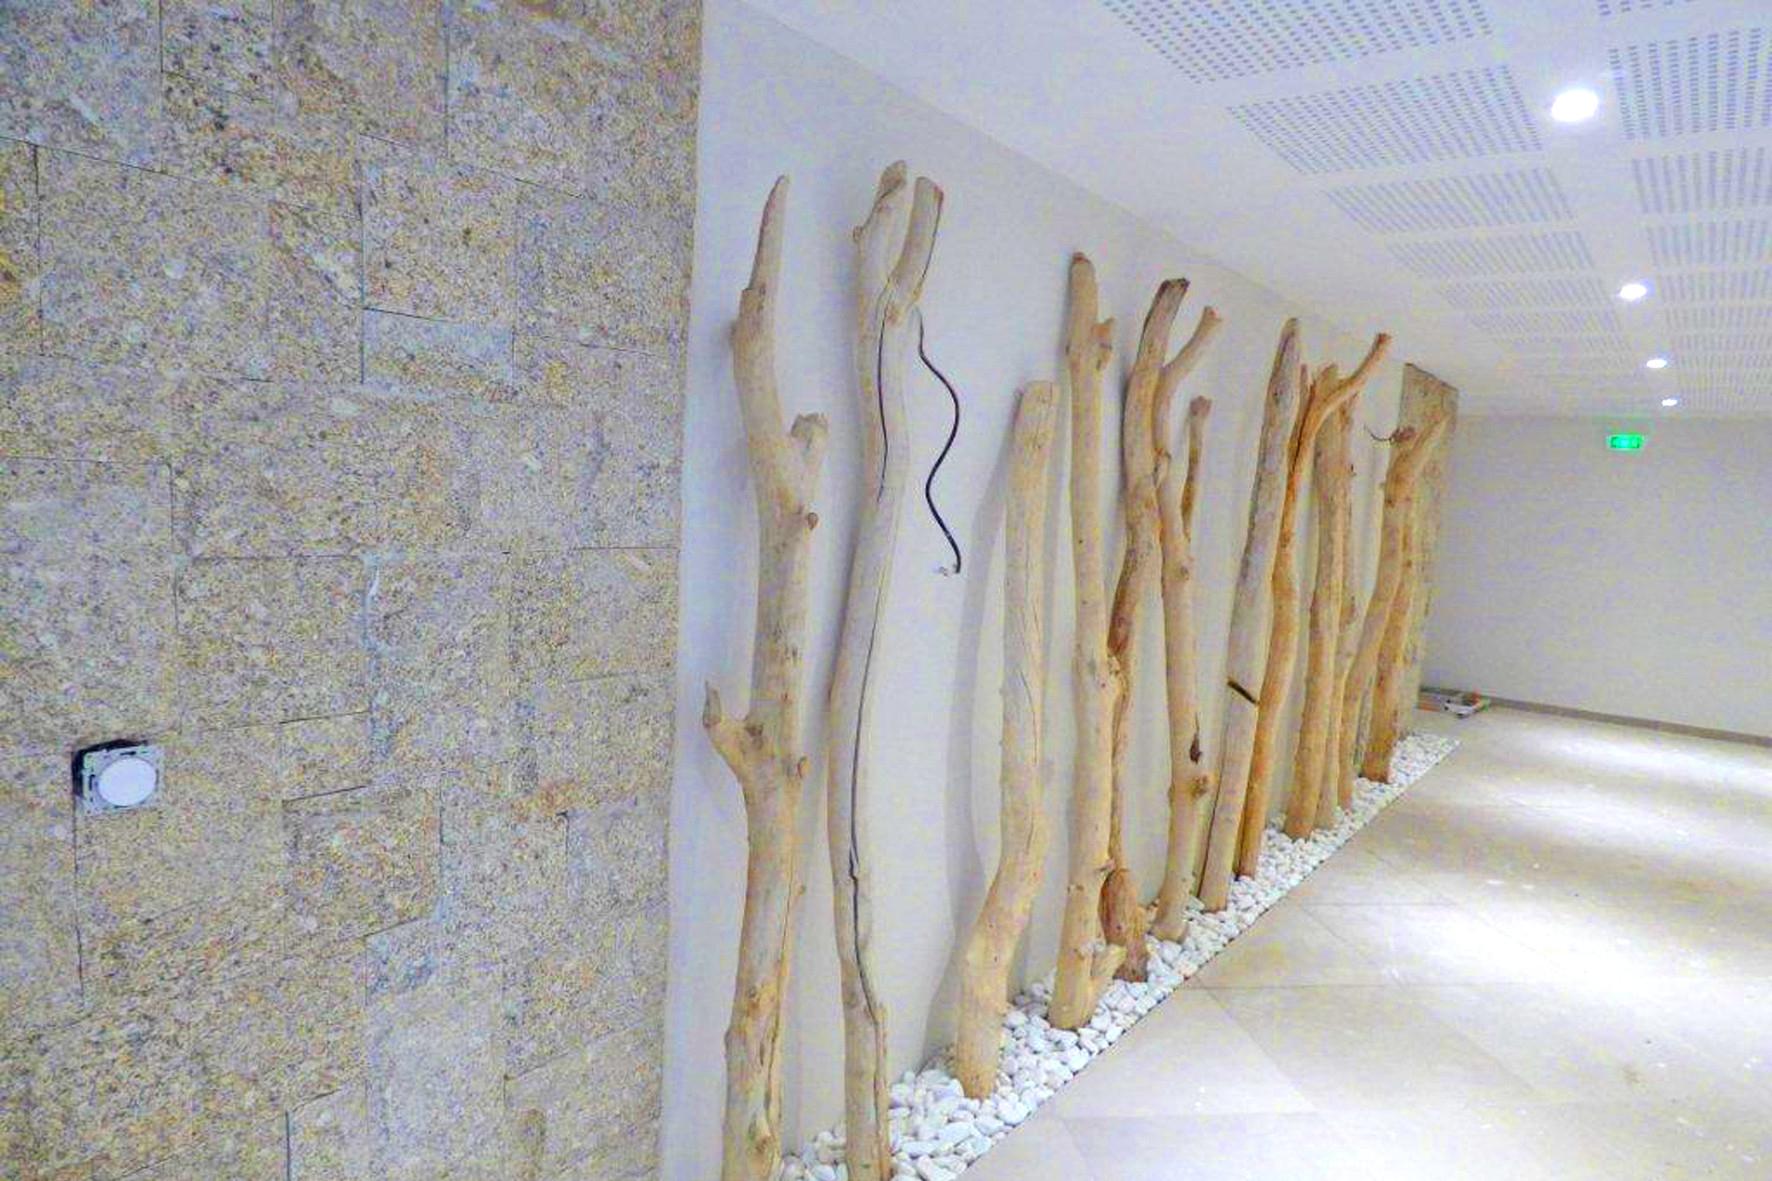 Canapé Bois Flotté Impressionnant Image Incroyable De Table Basse Bois Flotté Concept Idées De Table